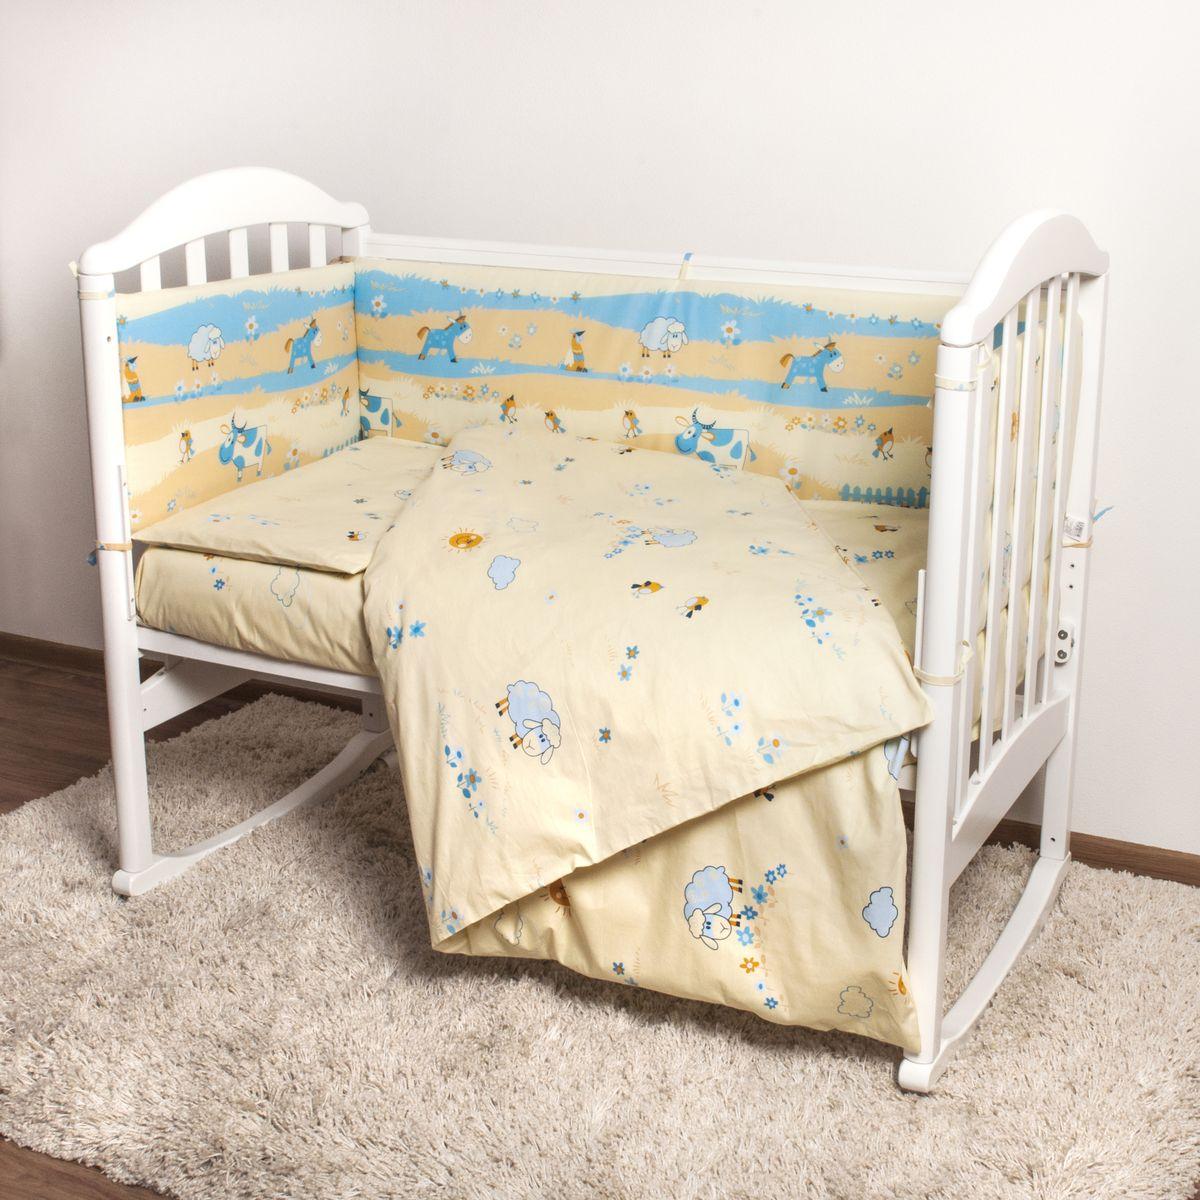 Baby Nice Детский комплект в кроватку Ферма (КПБ, бязь, наволочка 40х60), цвет: бежевый, голубойН613-04Комплект в кроватку Baby Nice Ферма для самых маленьких изготовлен толькоиз самой качественной ткани, самой безопасной и гигиеничной, самойэкологичной и гипоаллергенной. Отлично подходит для кроваток малышей,которые часто двигаются во сне. Хлопковое волокно прекрасно переносит стирку,быстро сохнет и не требует особого ухода, не линяет и не вытягивается. Тканьпрошла специальную обработку по умягчению, что сделало ее невероятно мягкойи приятной к телу.Комплект создаст дополнительный комфорт и уют ребенку. Родителям несоставит особого труда ухаживать за комплектом. Он превосходно стирается,легко гладится.Ваш малыш будет в восторге от такого необыкновенного постельного набора! В комплект входит: одеяло, пододеяльник, подушка, наволочка, простыня, борт.